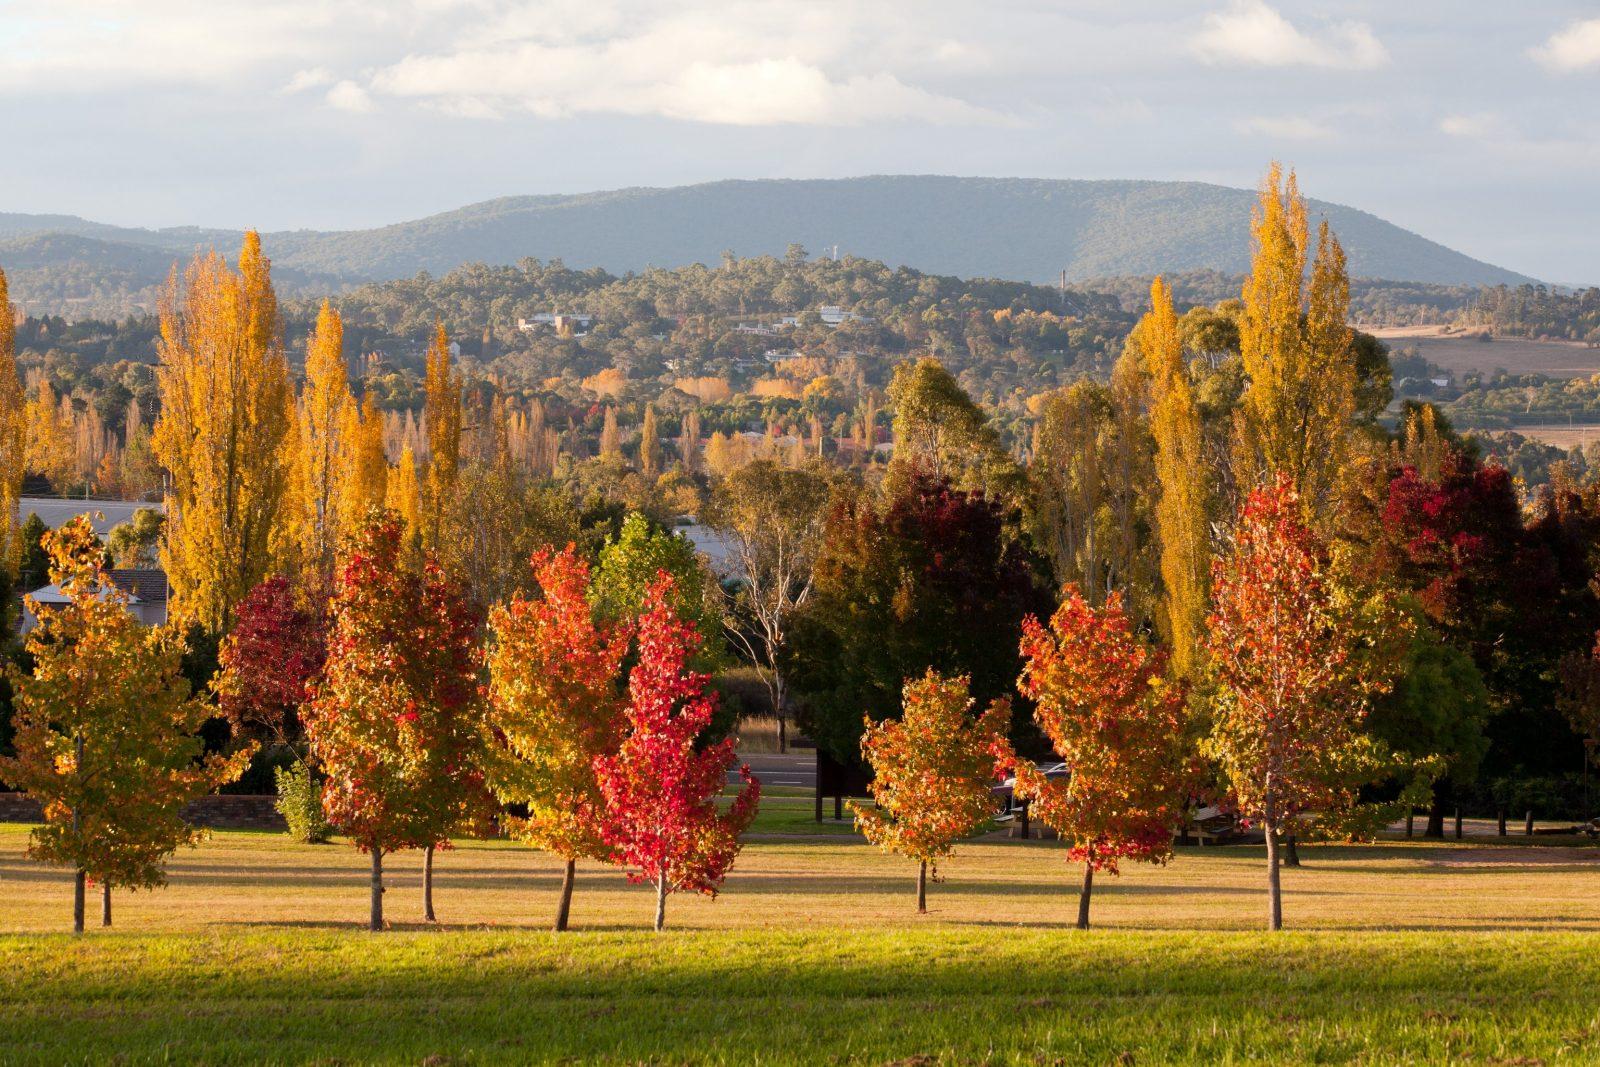 Autumn in Armidale